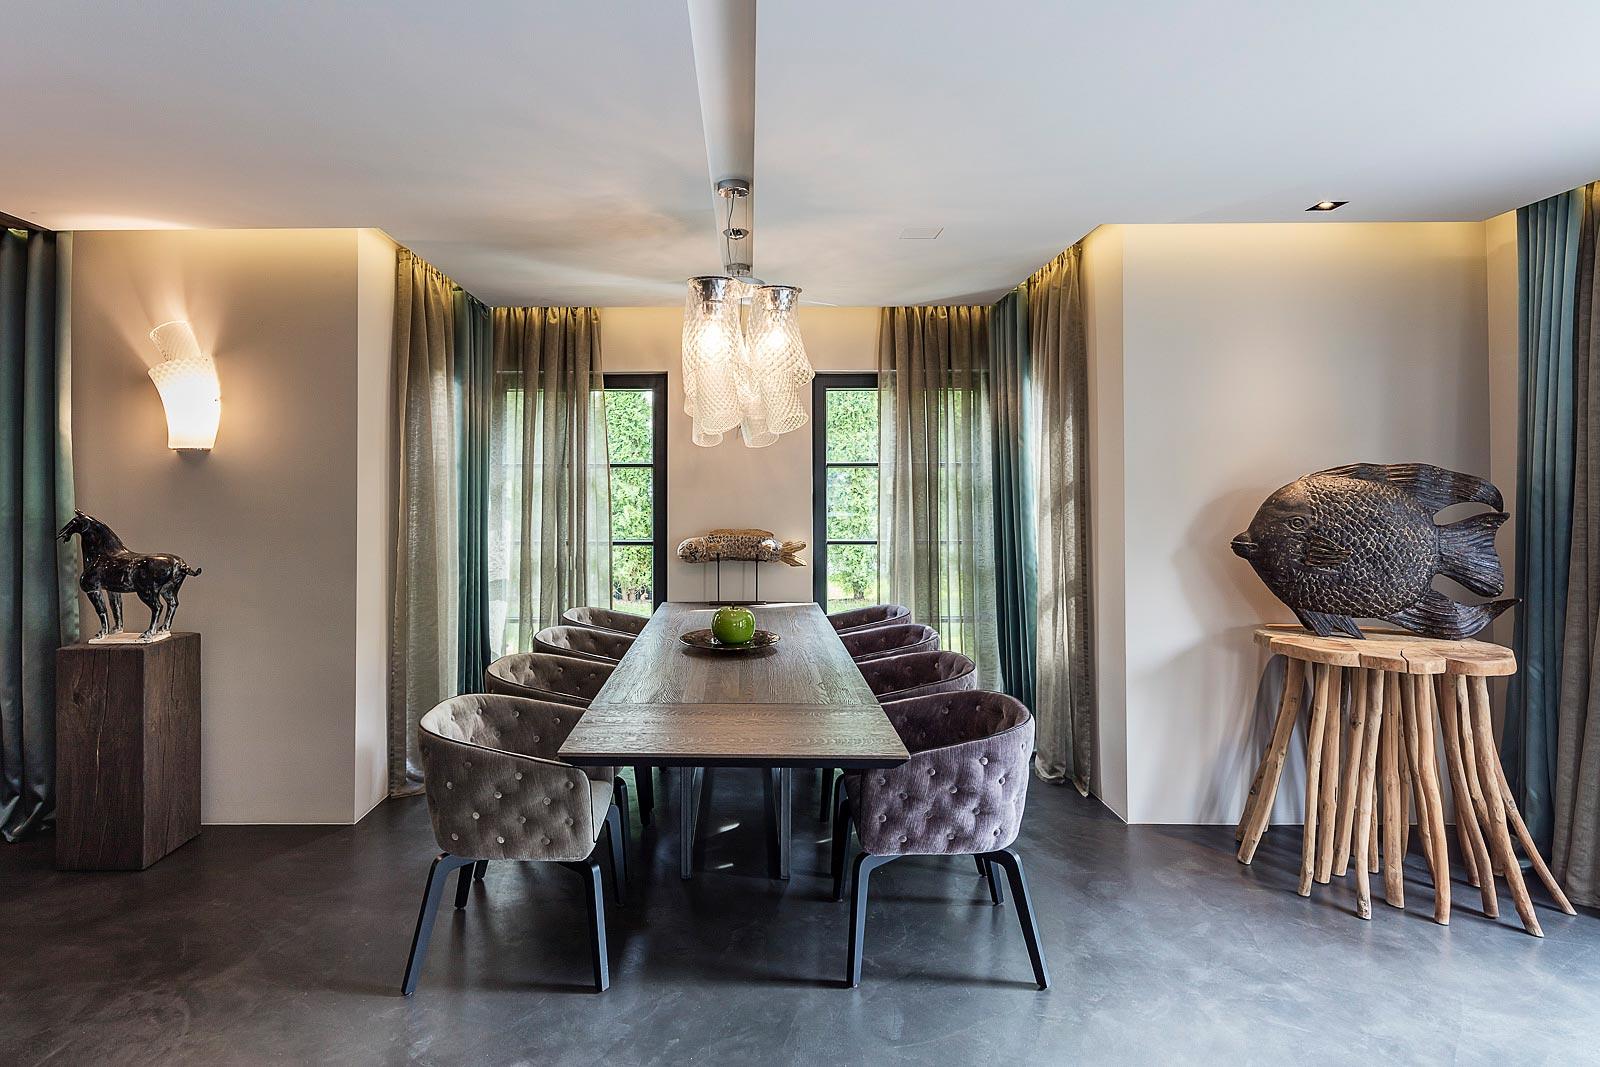 Architekturfotografie Innenraum, Essbereich mit Hängeleuchten von Vistosi